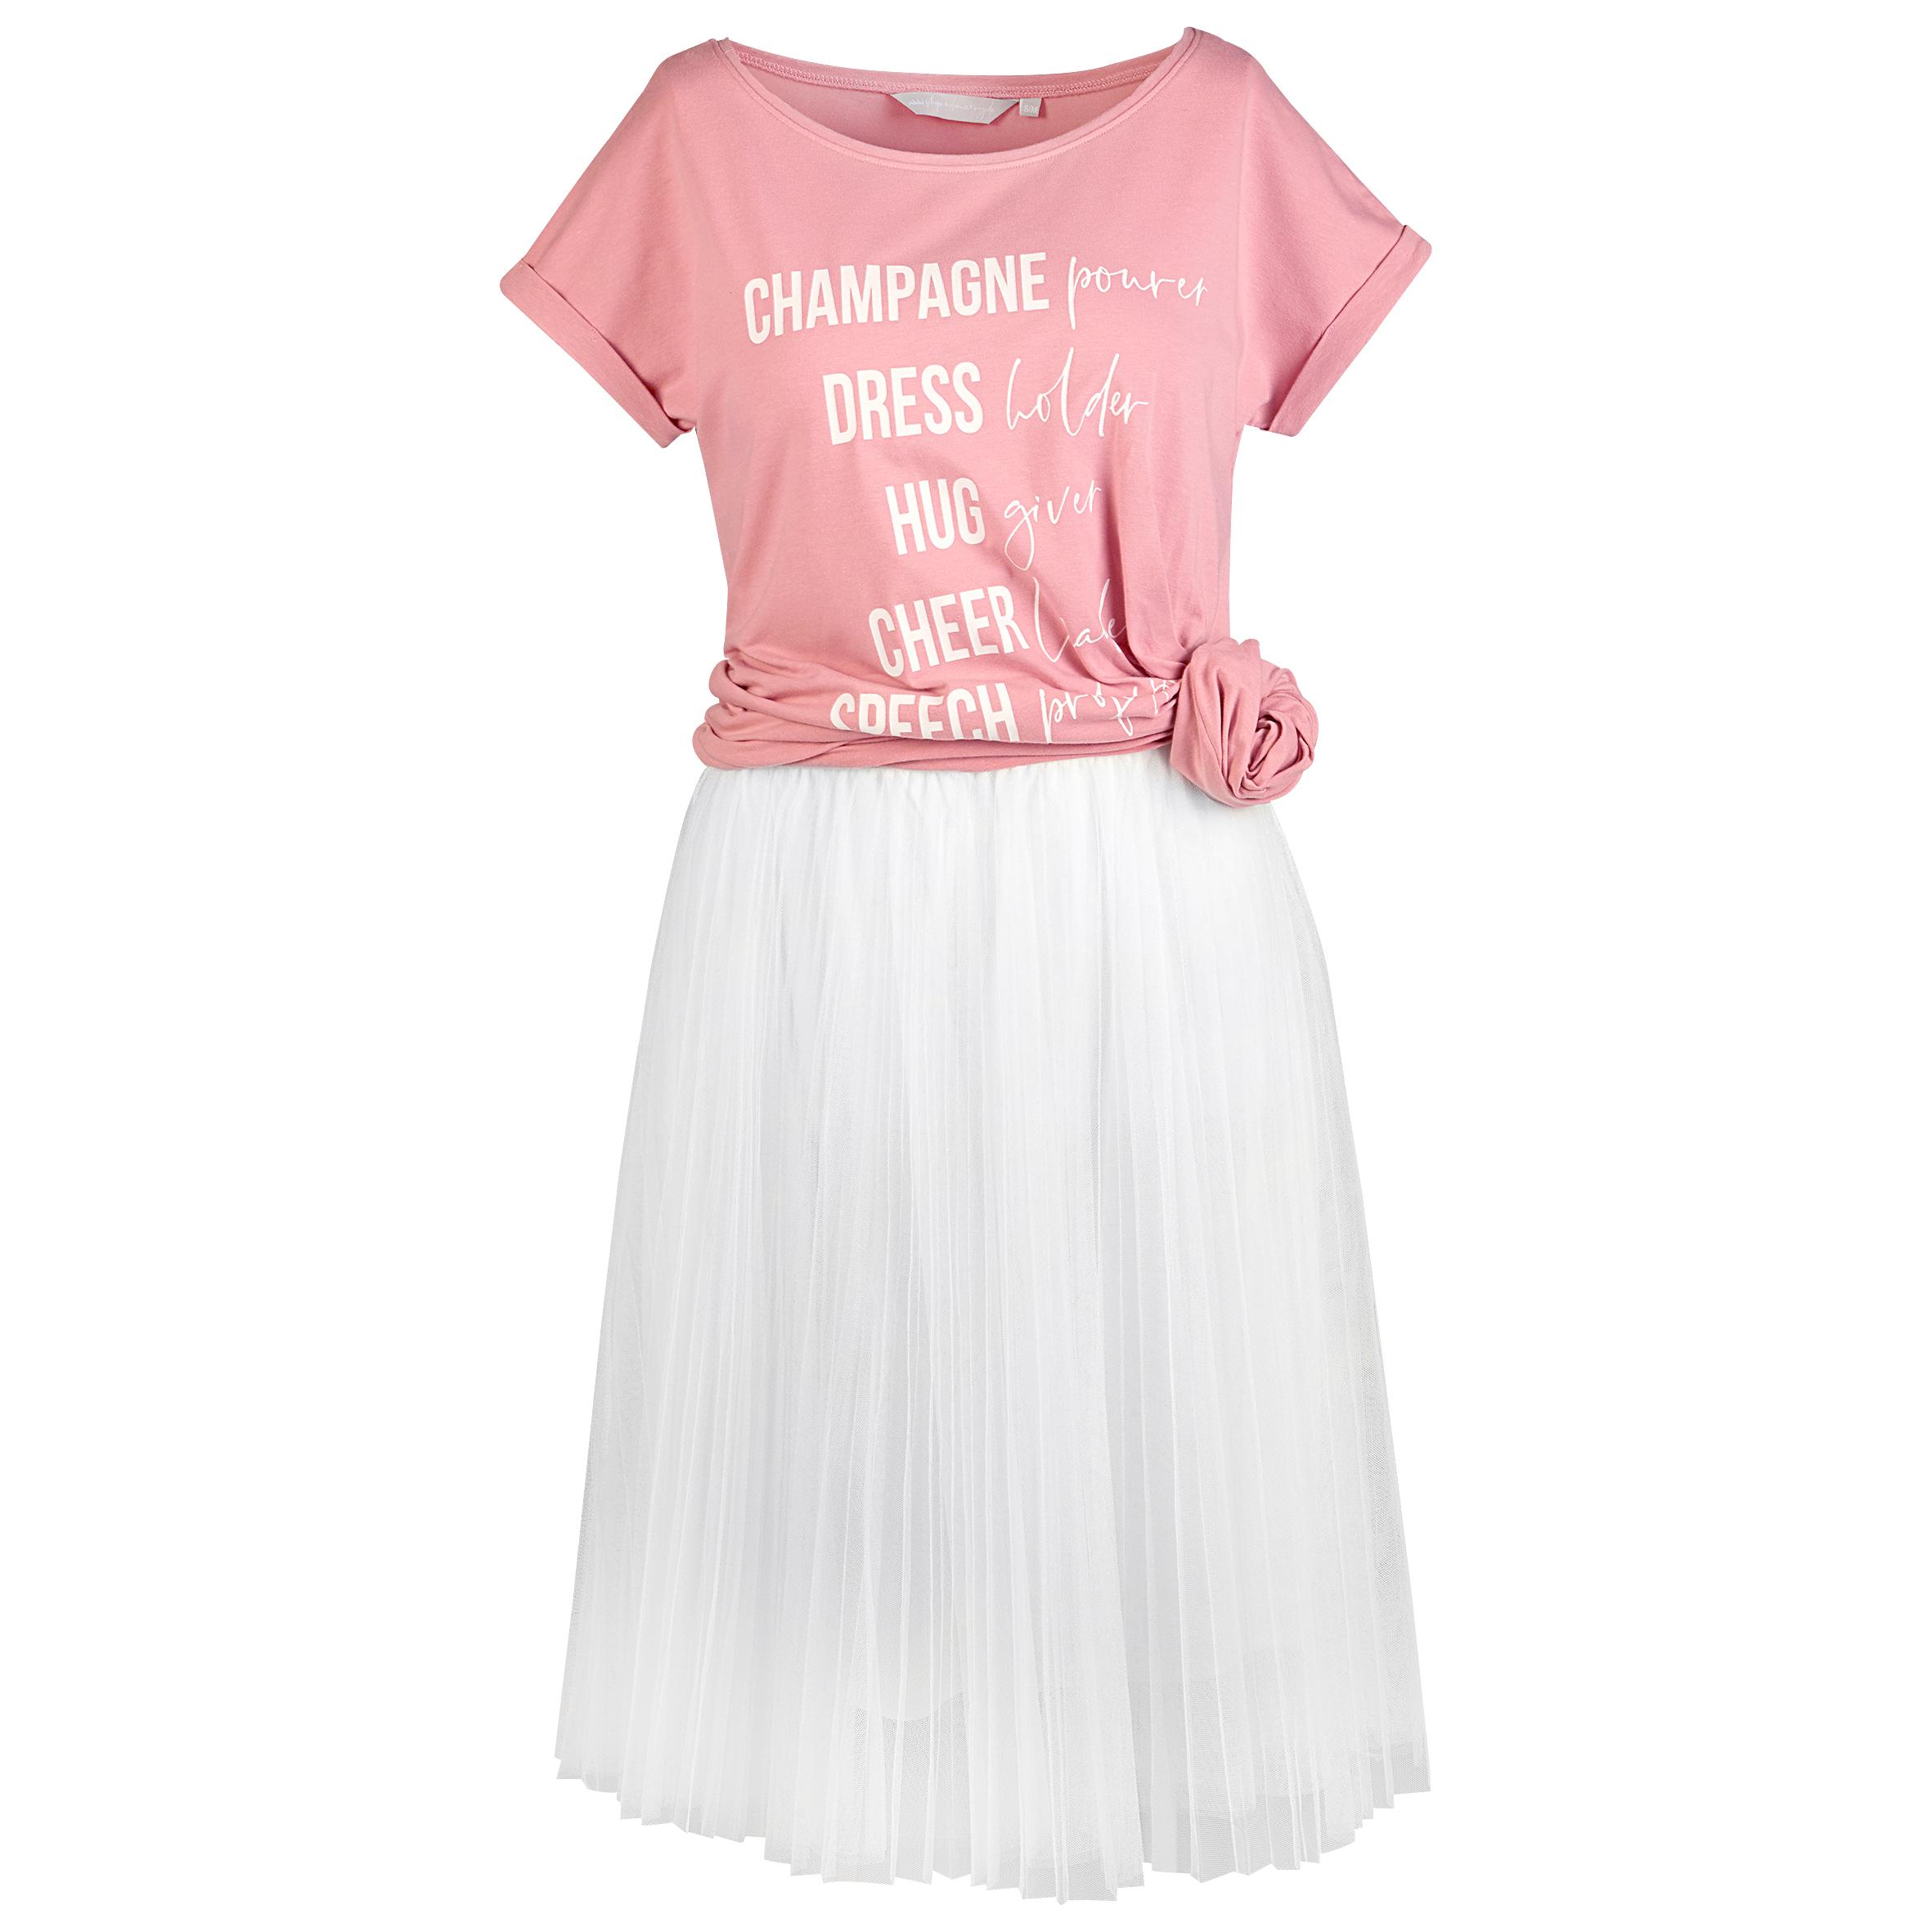 Tüllrock in weiß mit rosé farbenem Brautjungfern Shirt